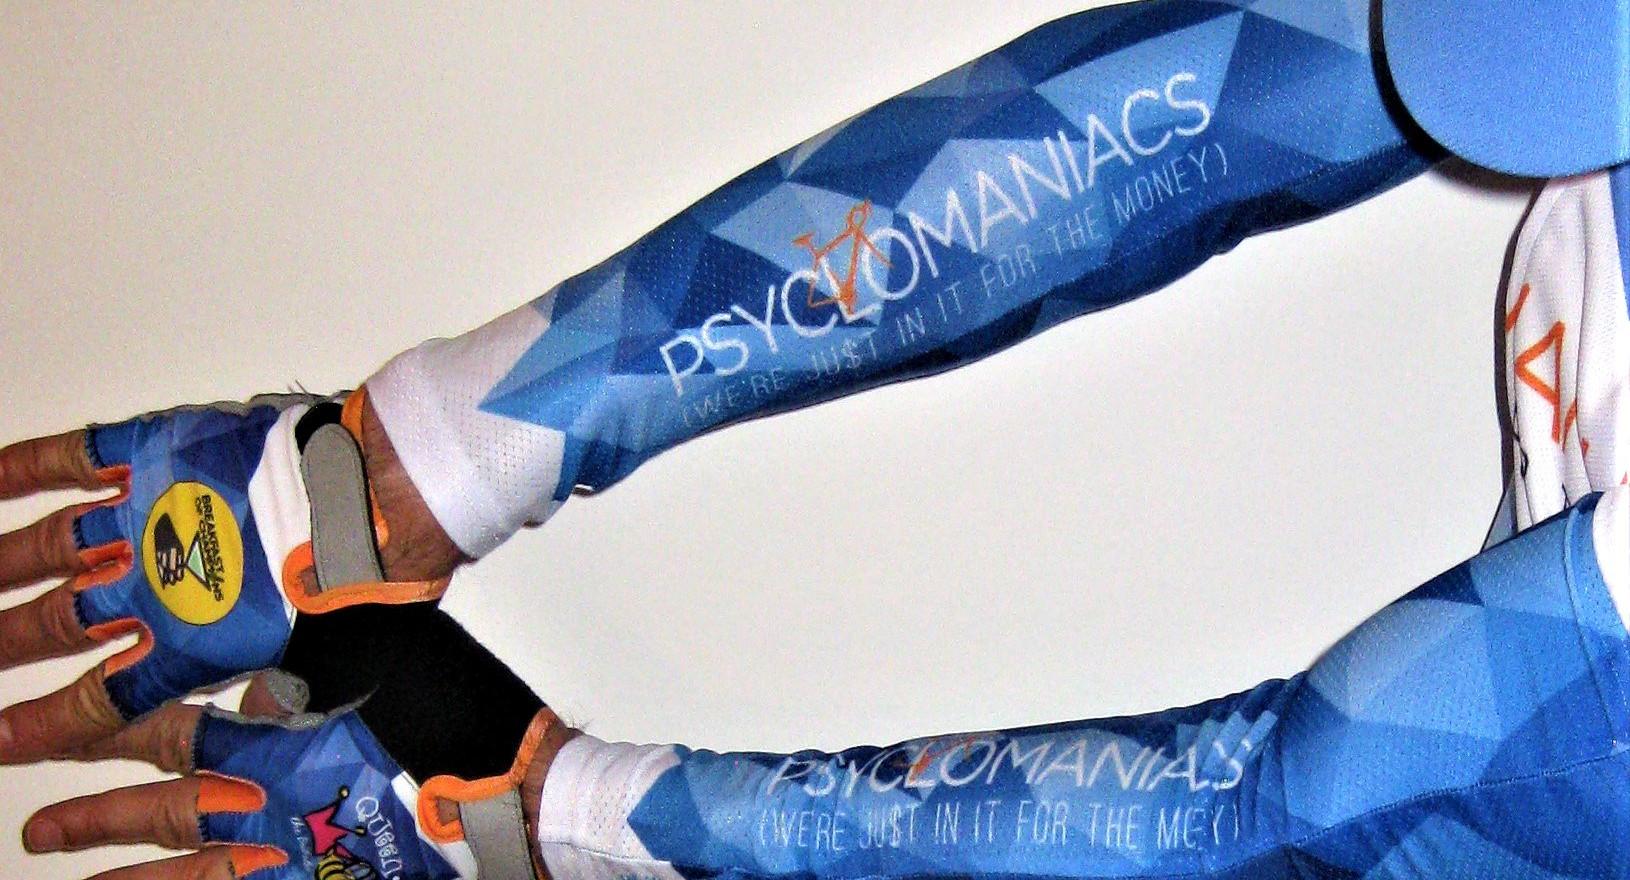 Custom arm coolers |Custom UV performance sleeves | UV performance sleeves | Custom Sun Sleeves | Custom Cycling Arm Warmers | Custom Arm Warmers | Arm Warmers | Custom cycling sleeves | RAGBRAI | Bike MS